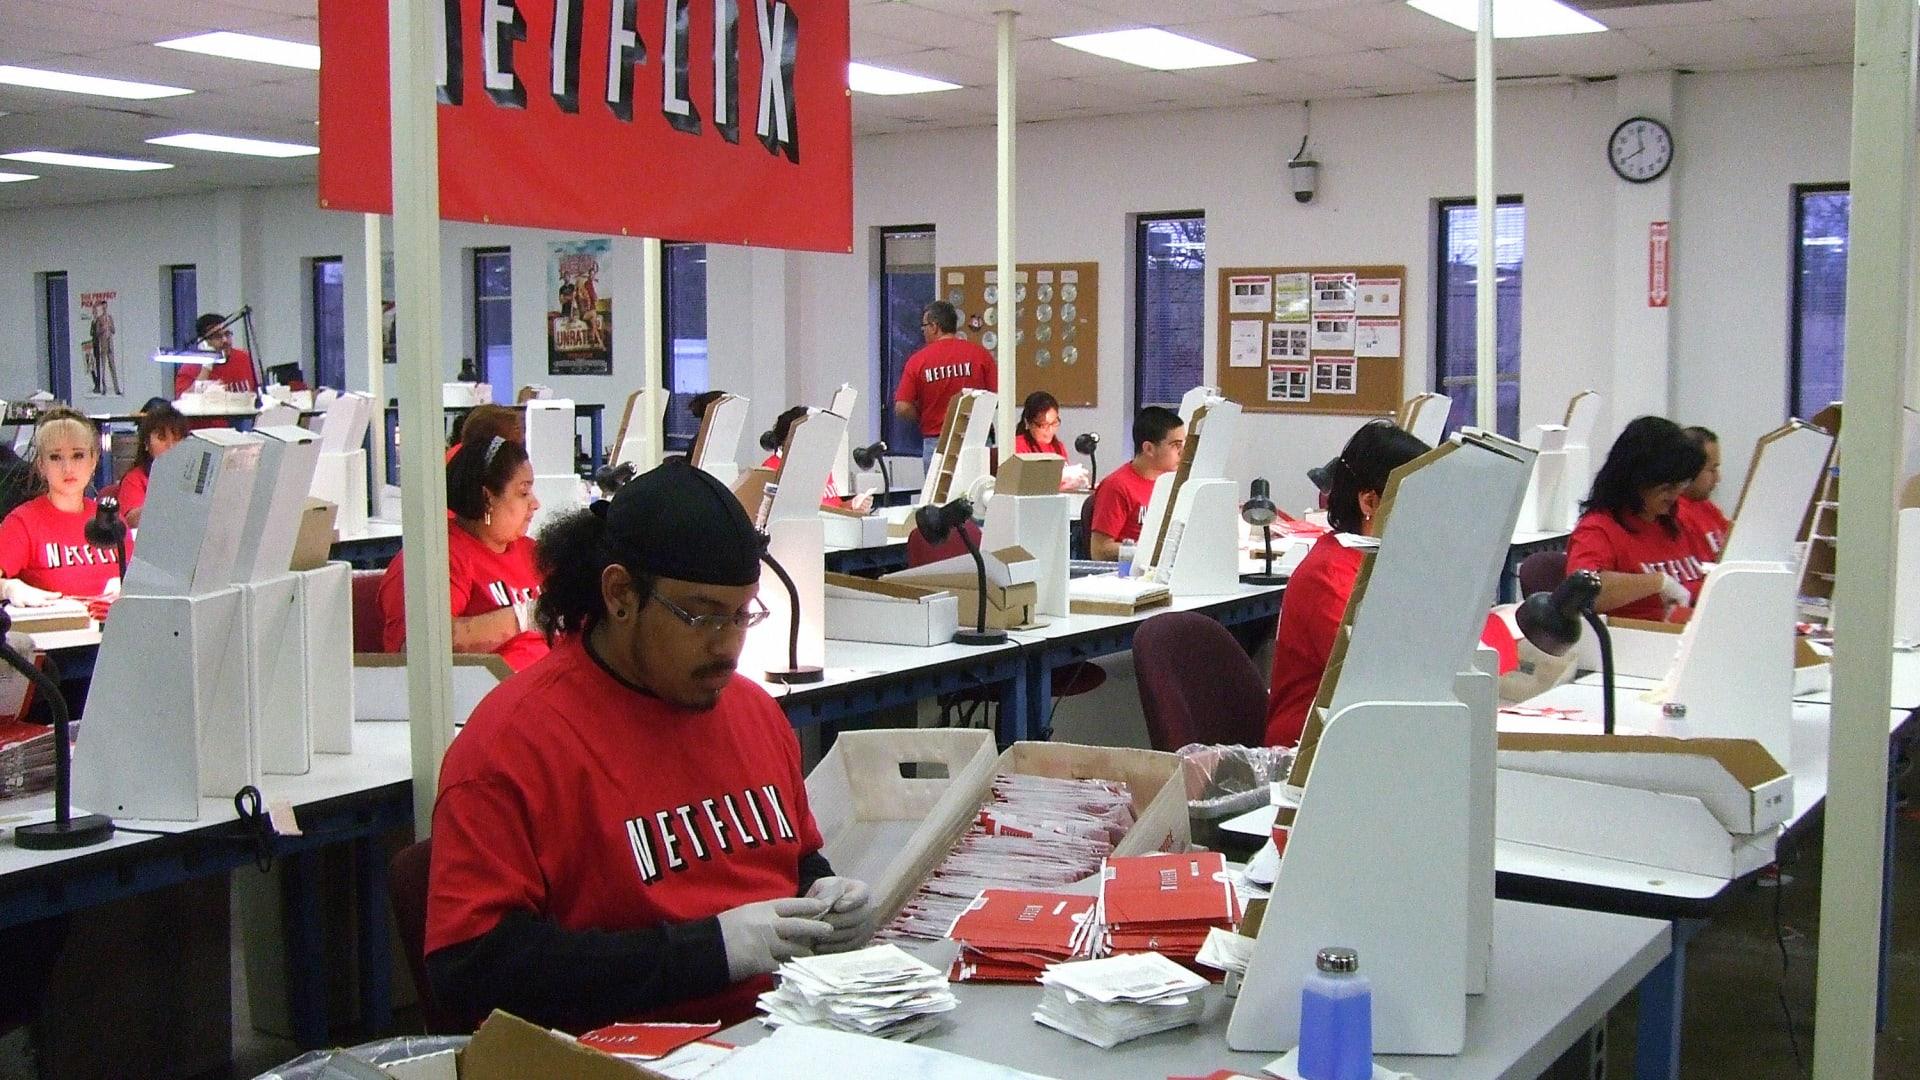 نيتفليكس تصل إلى 149 مليون مشترك وترحب بمنافسة ديزني وآبل